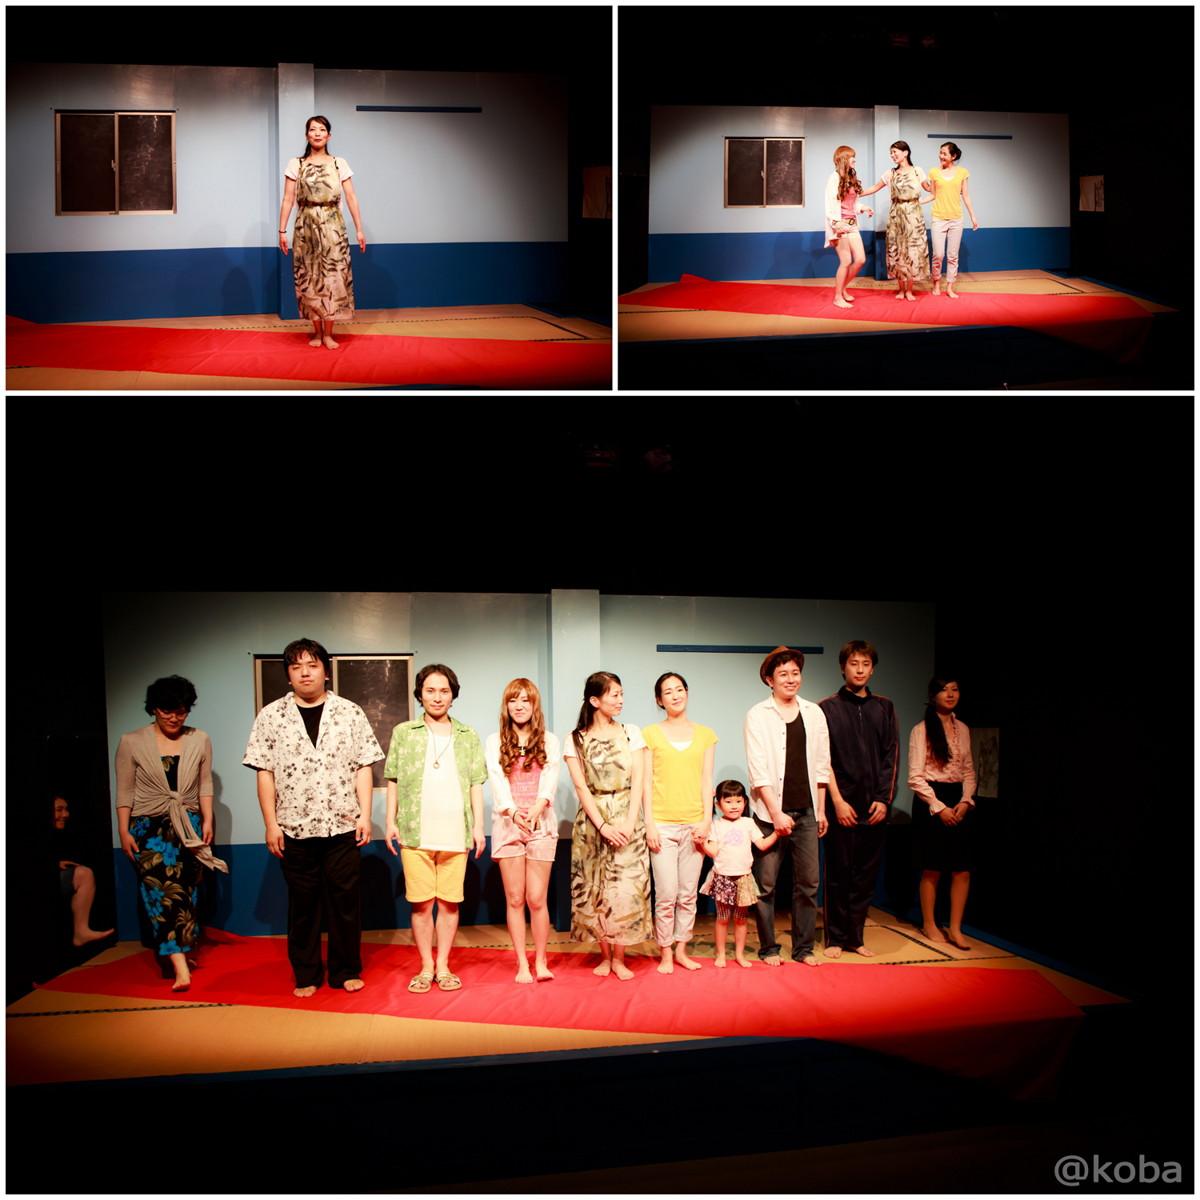 劇団蝶能力第8回公演「初心者マークの外し方」 舞台稽古(ゲネプロ)撮影